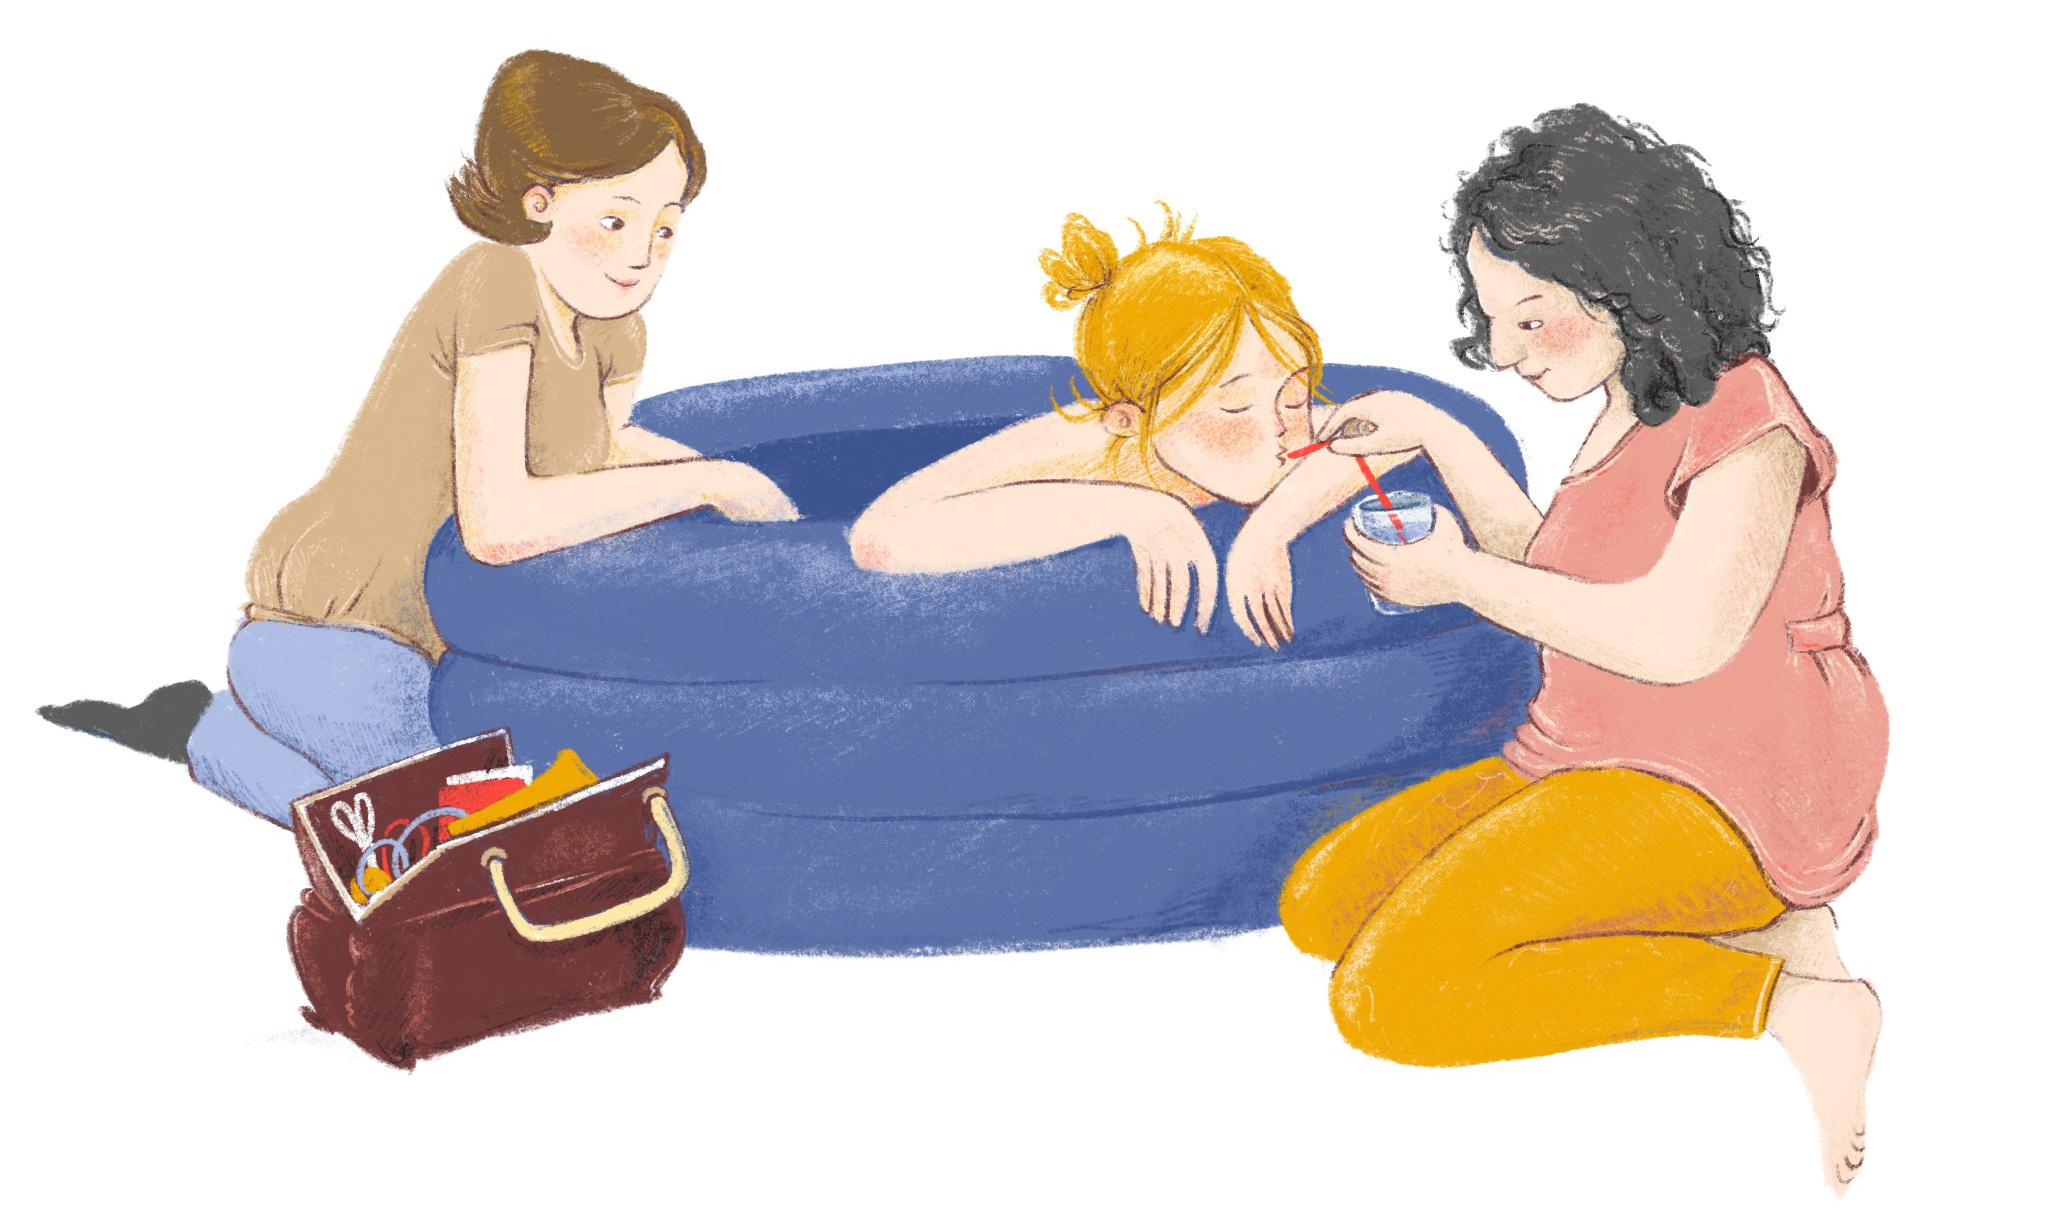 Hausgeburt im Geburtspool mit Hebamme und Doula Illustration